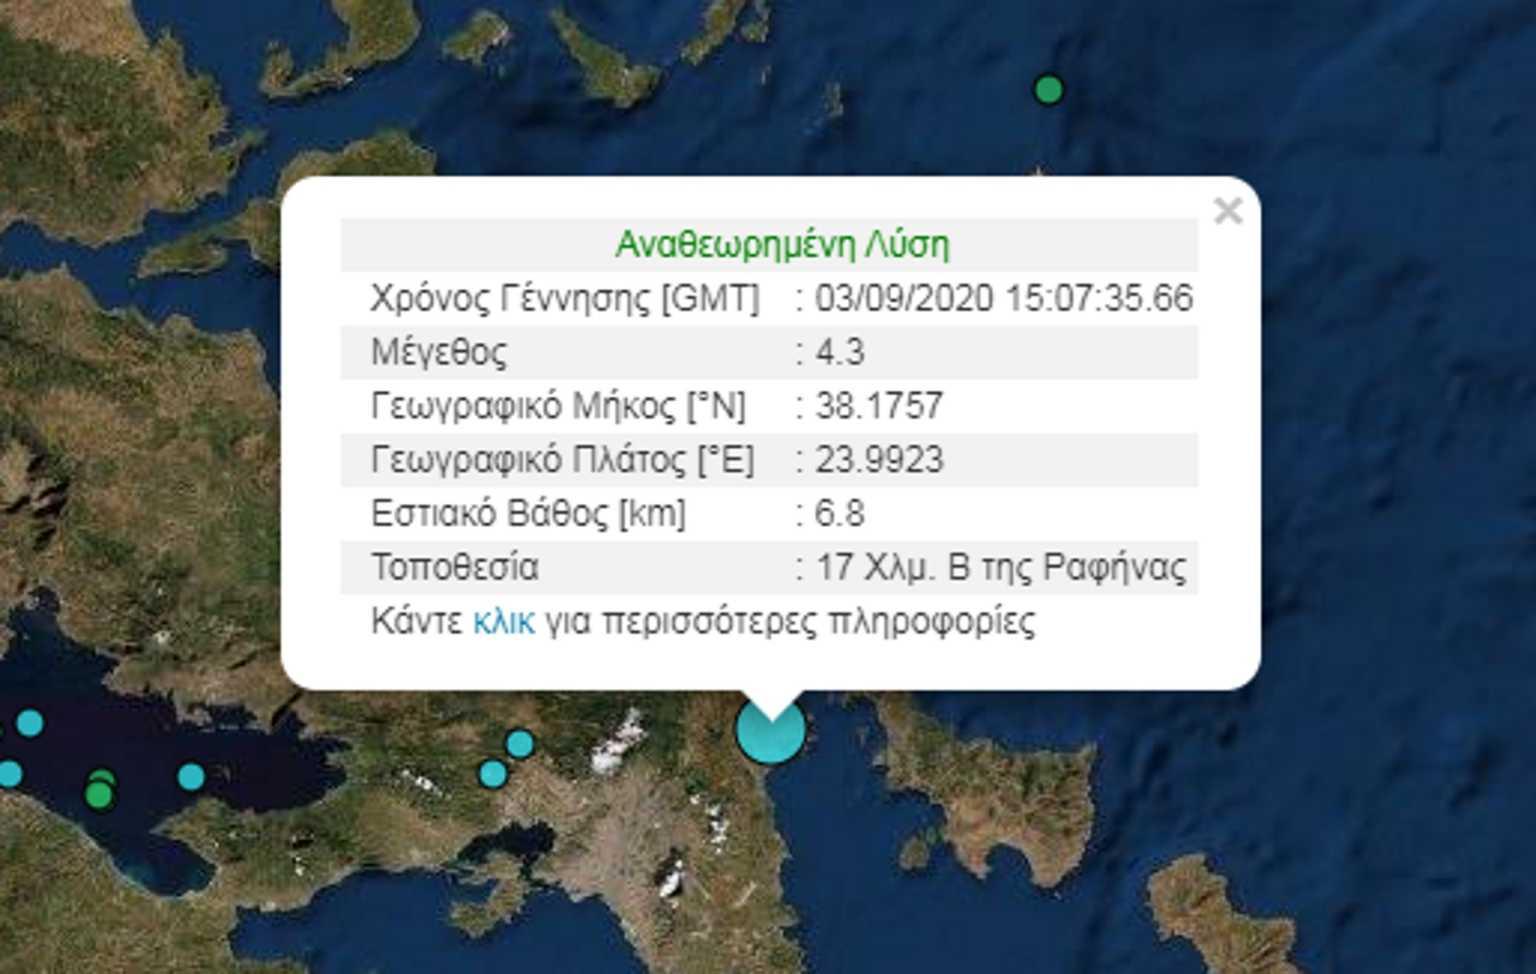 Σεισμός 4,3 ρίχτερ ιδιαίτερα αισθητός στην Αττική